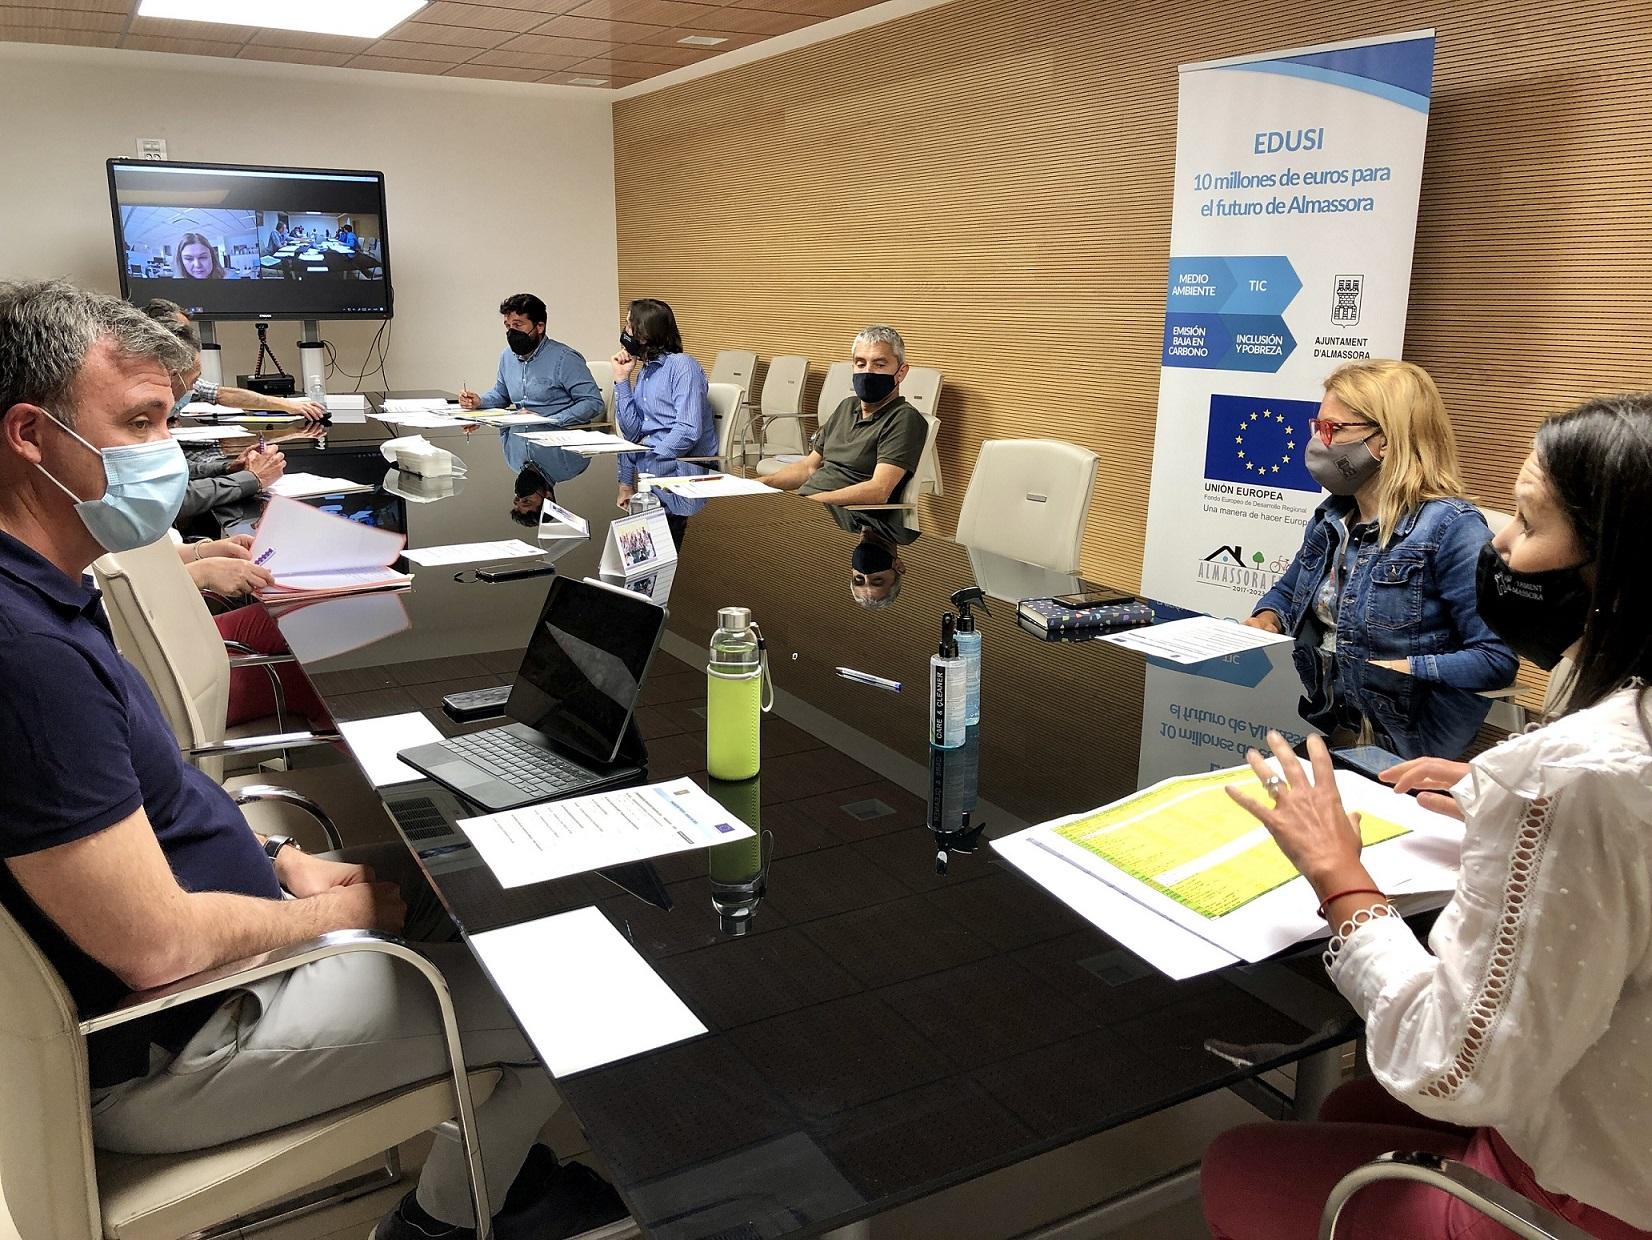 Reunión Almassora sobre los fondos FEDER